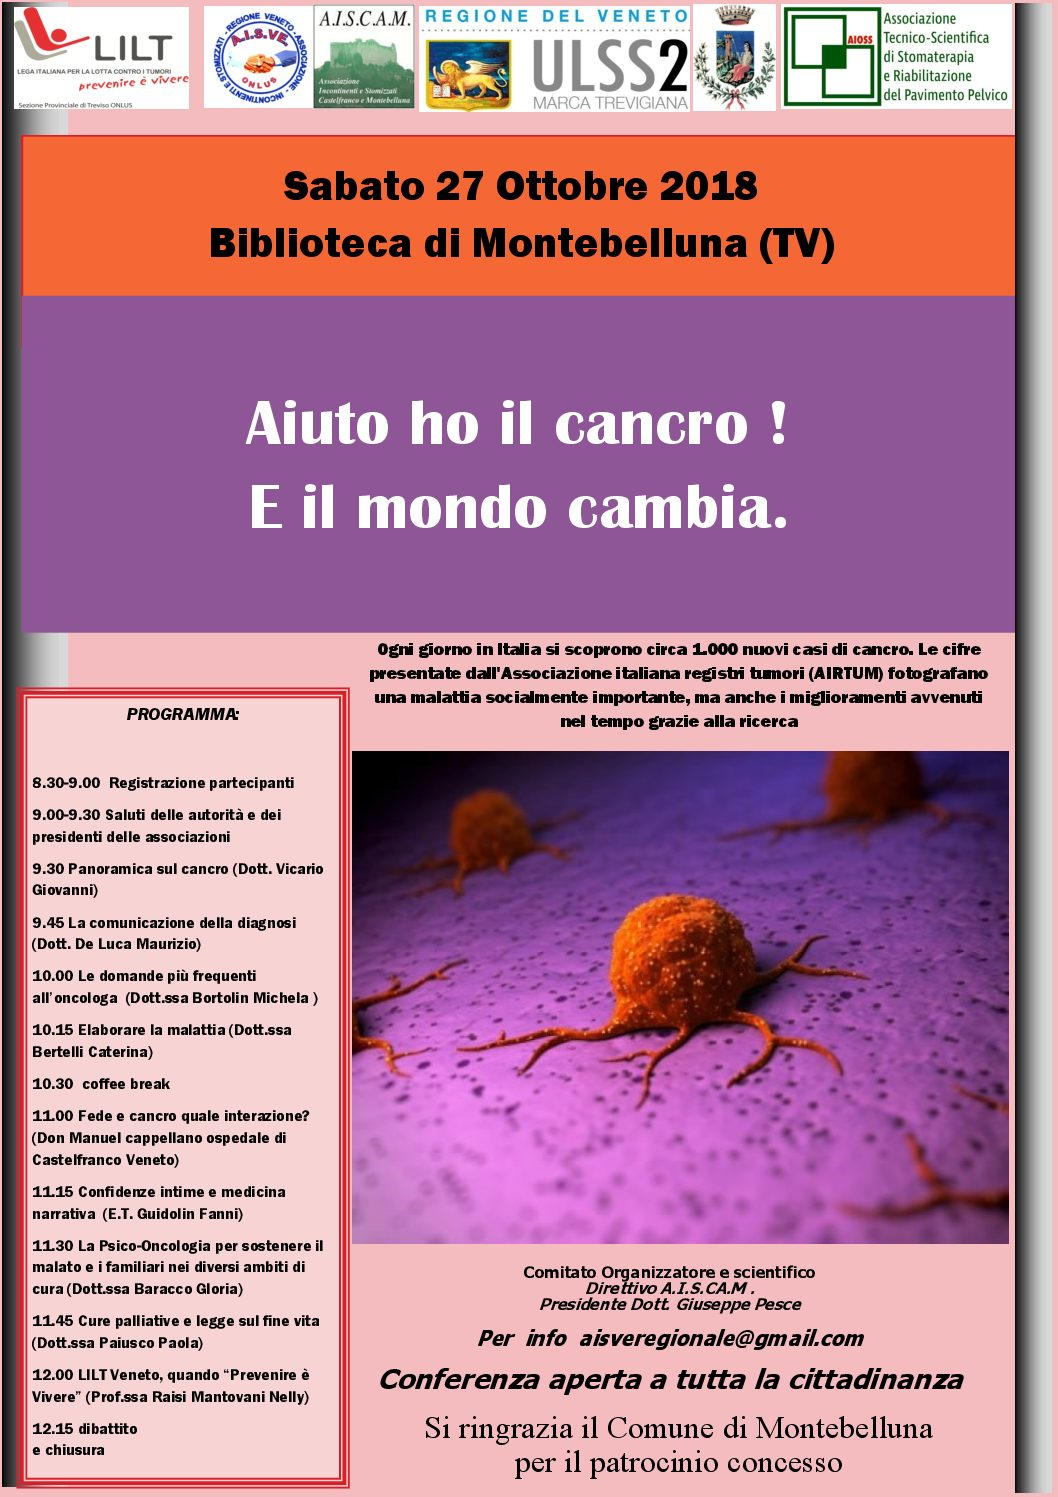 """27.10.2018 Montebelluna """"Aiuto ho il cancro! E il mondo cambia."""""""